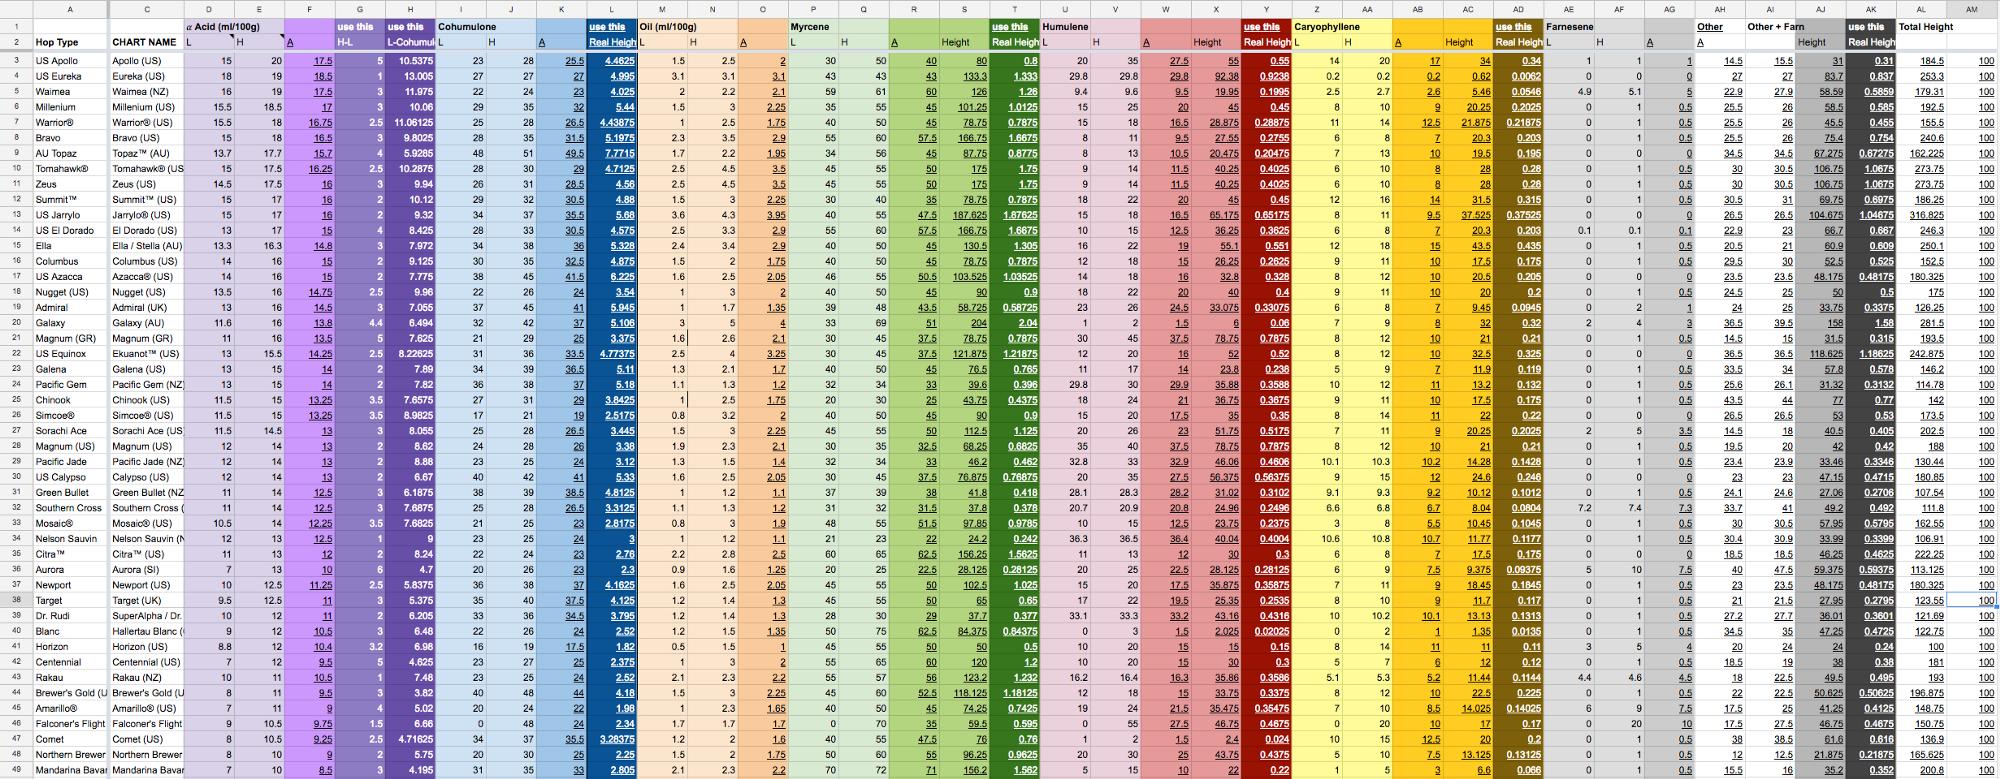 Hops Chart data spreadsheet